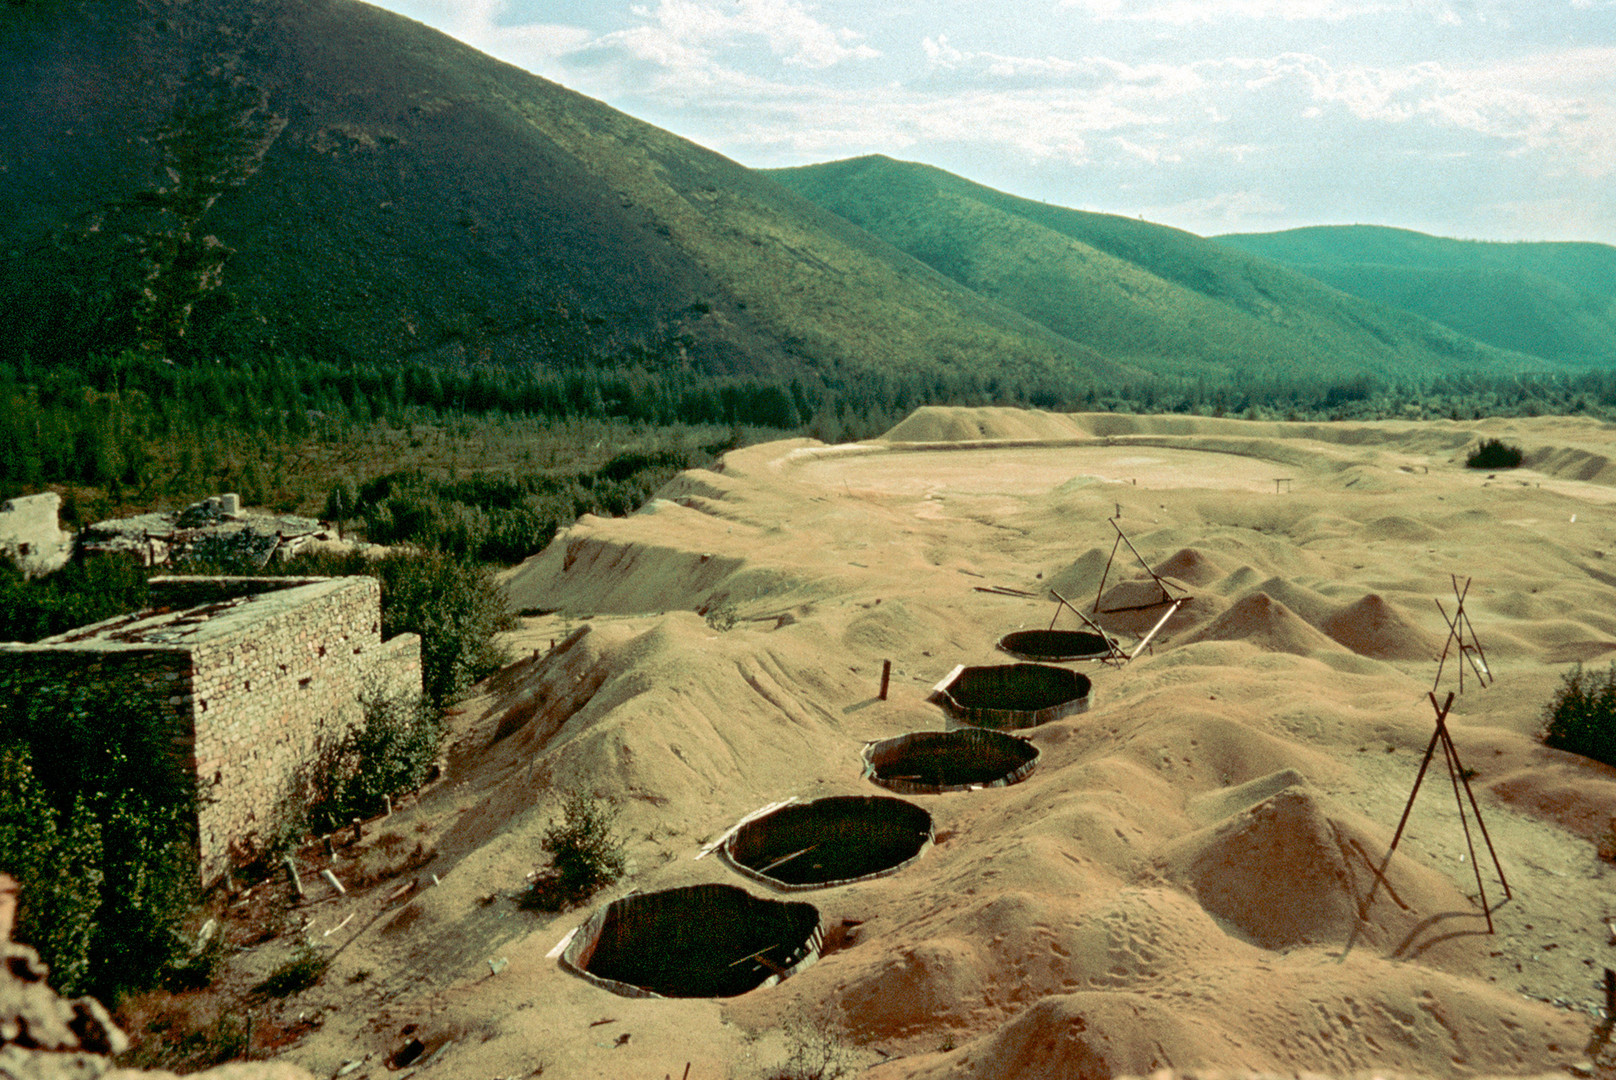 Многи затвореници логора Бутугичаг на Колими умрли су приликом ручног ископавања калаја и уранијума. Радили су у фабрици за обогаћивање уранијума без икакве заштитне опреме.